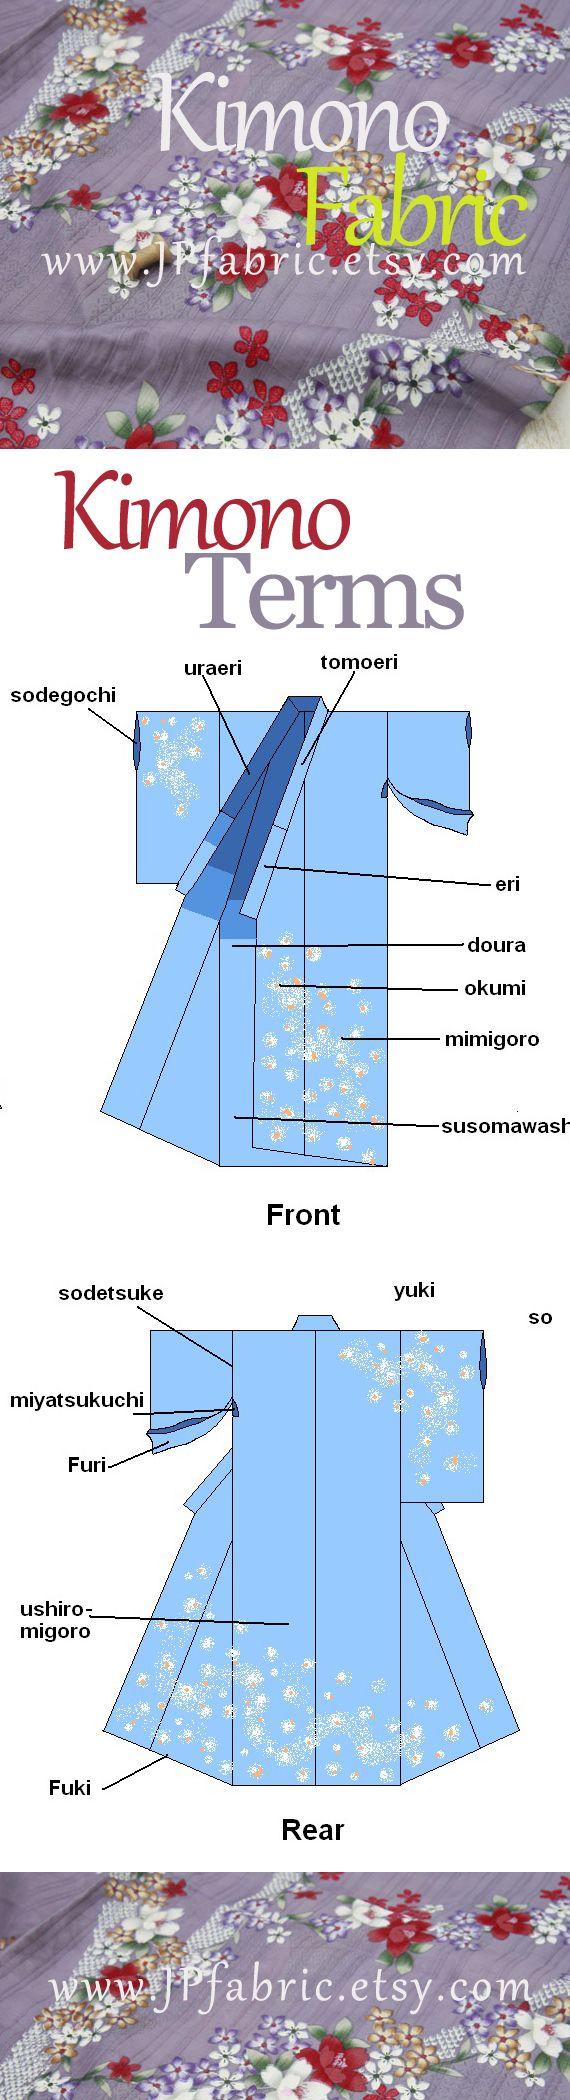 Kimono terms - parts of japanese kimono. Buy kimono fabrics